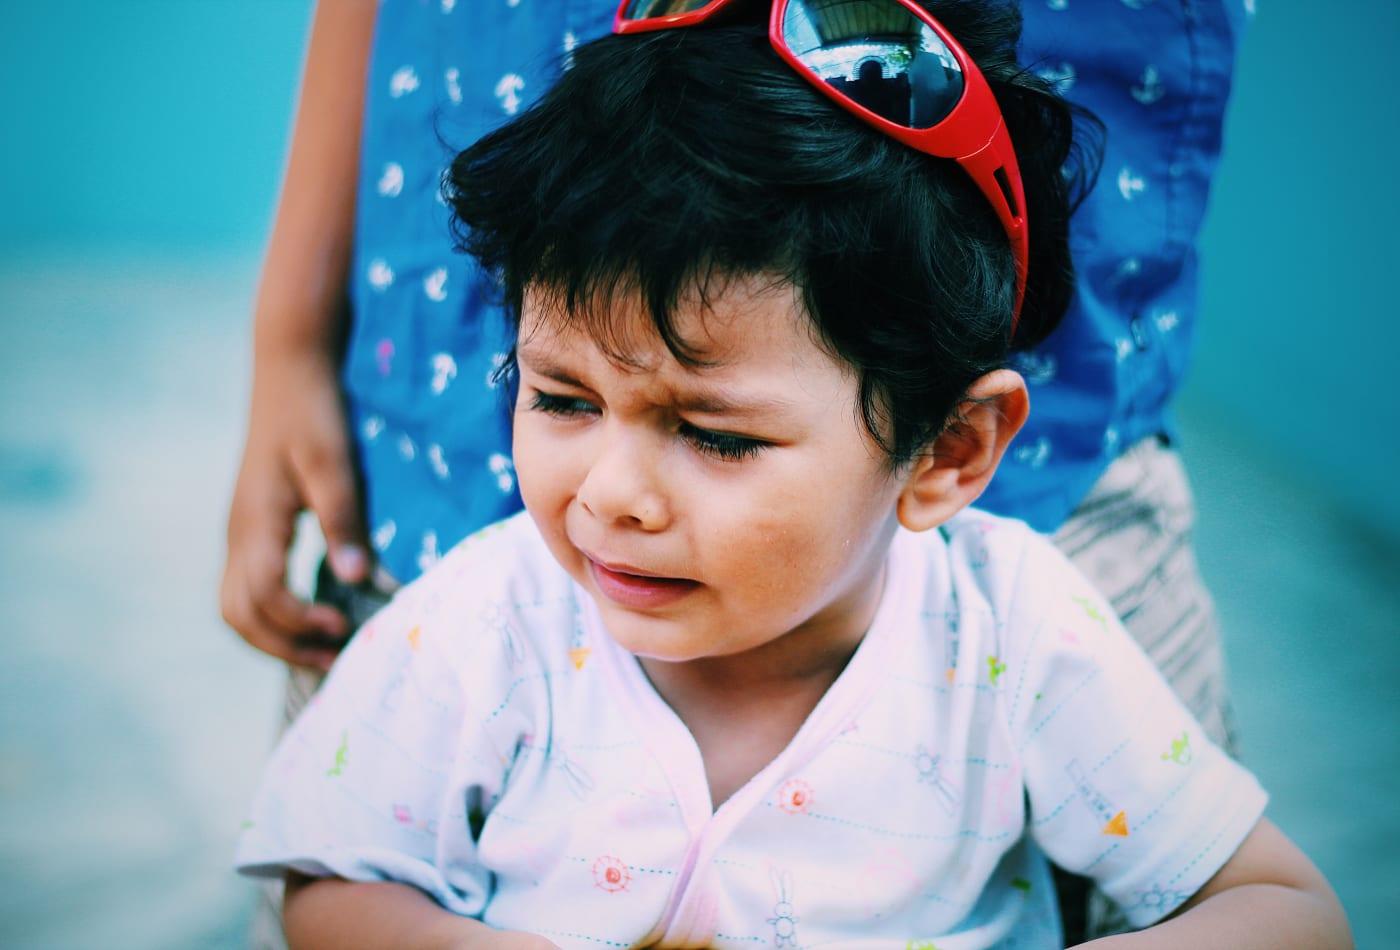 7 sai lầm lớn nhất trong cách nuôi dạy con cái, phá hủy sự tự tin và lòng tự trọng của trẻ